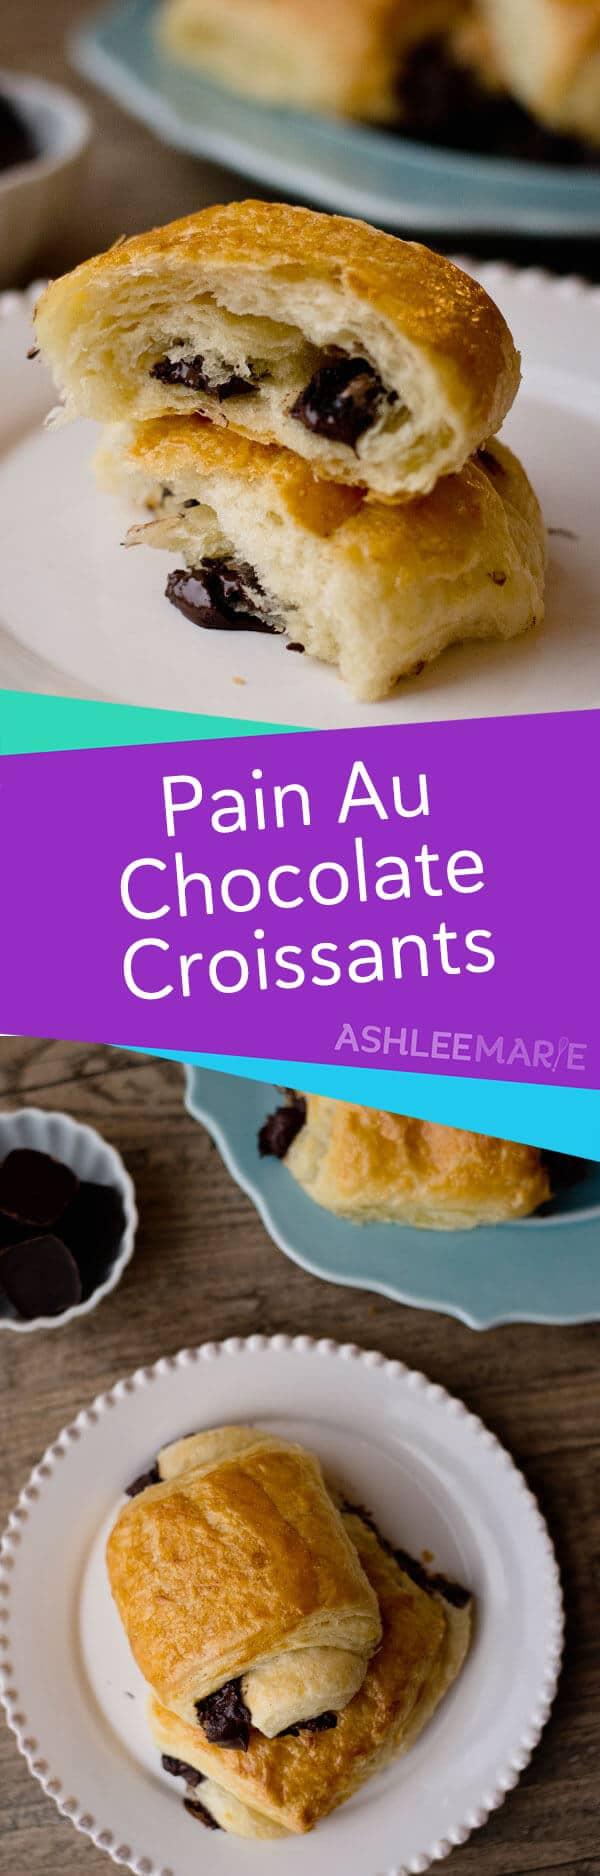 pain au chocolat - chocolate croissant recipe